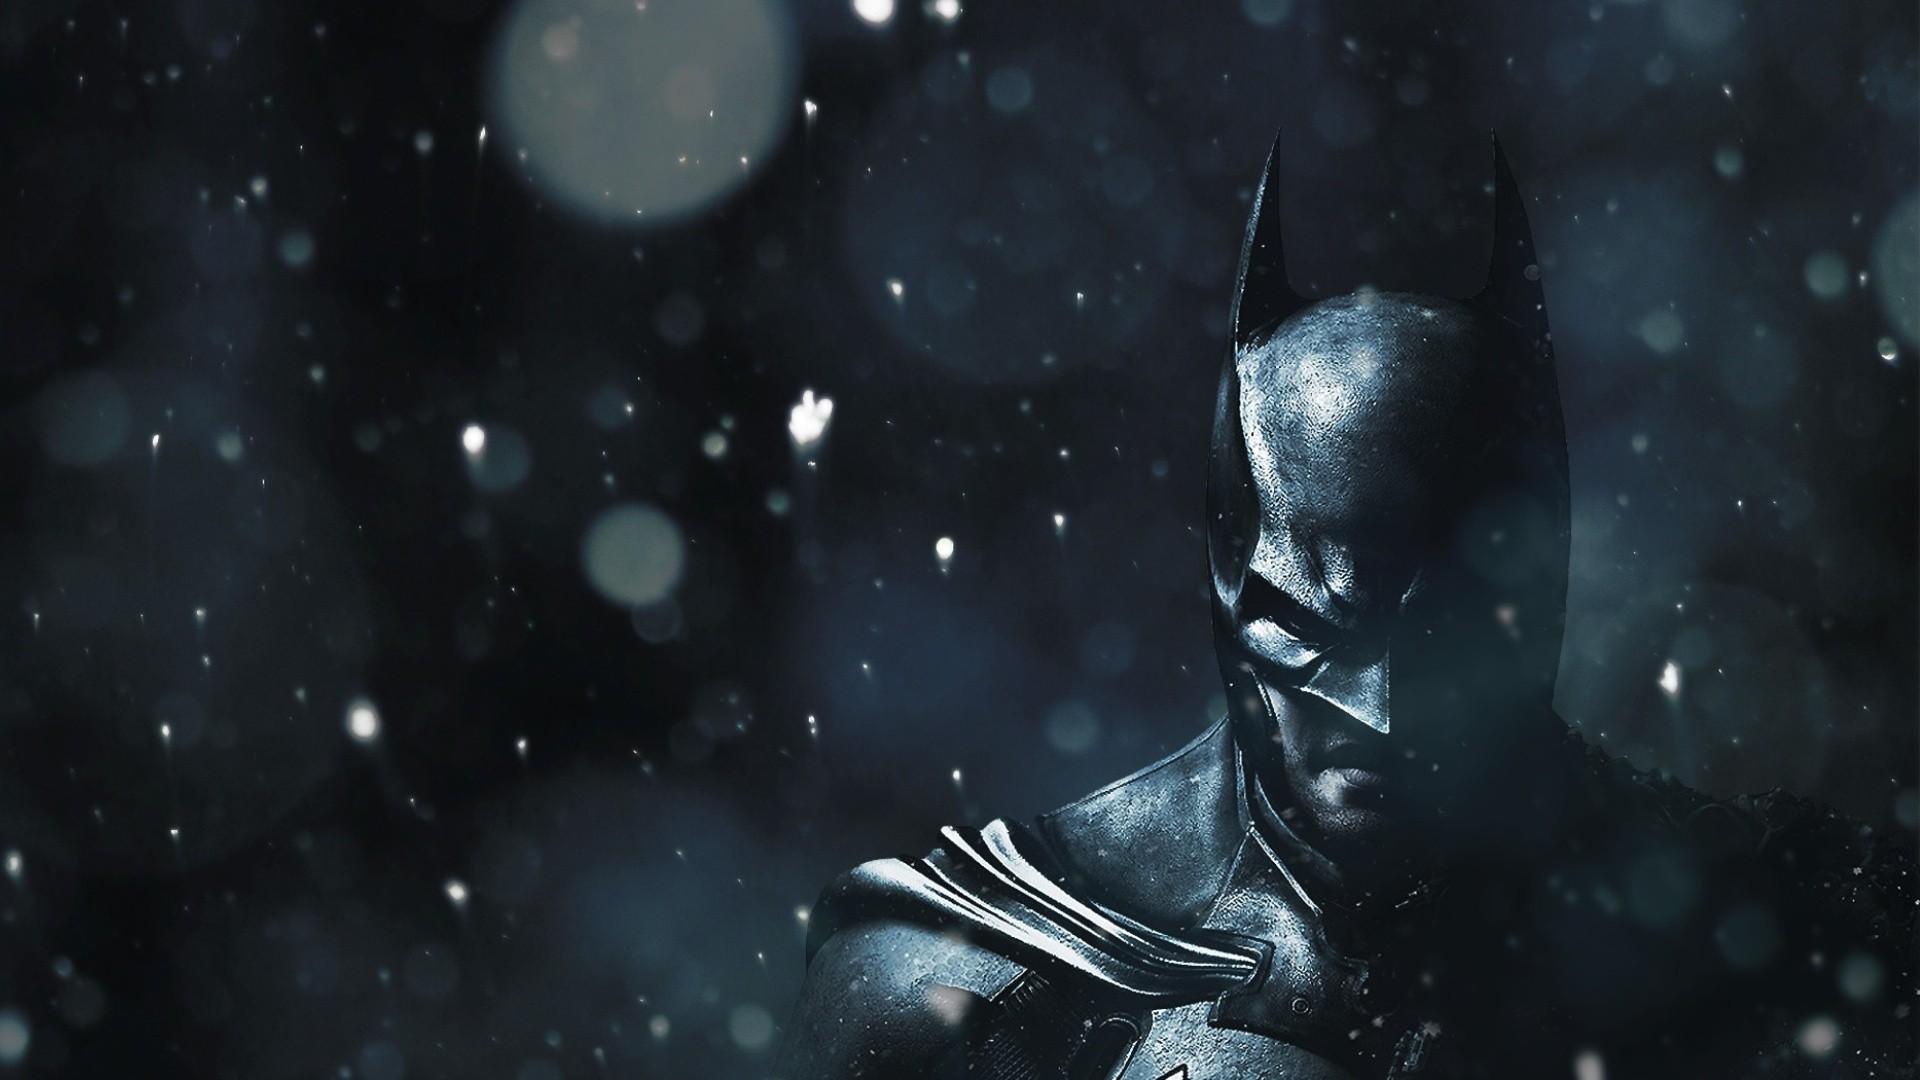 Batman Quality PPT Backgrounds